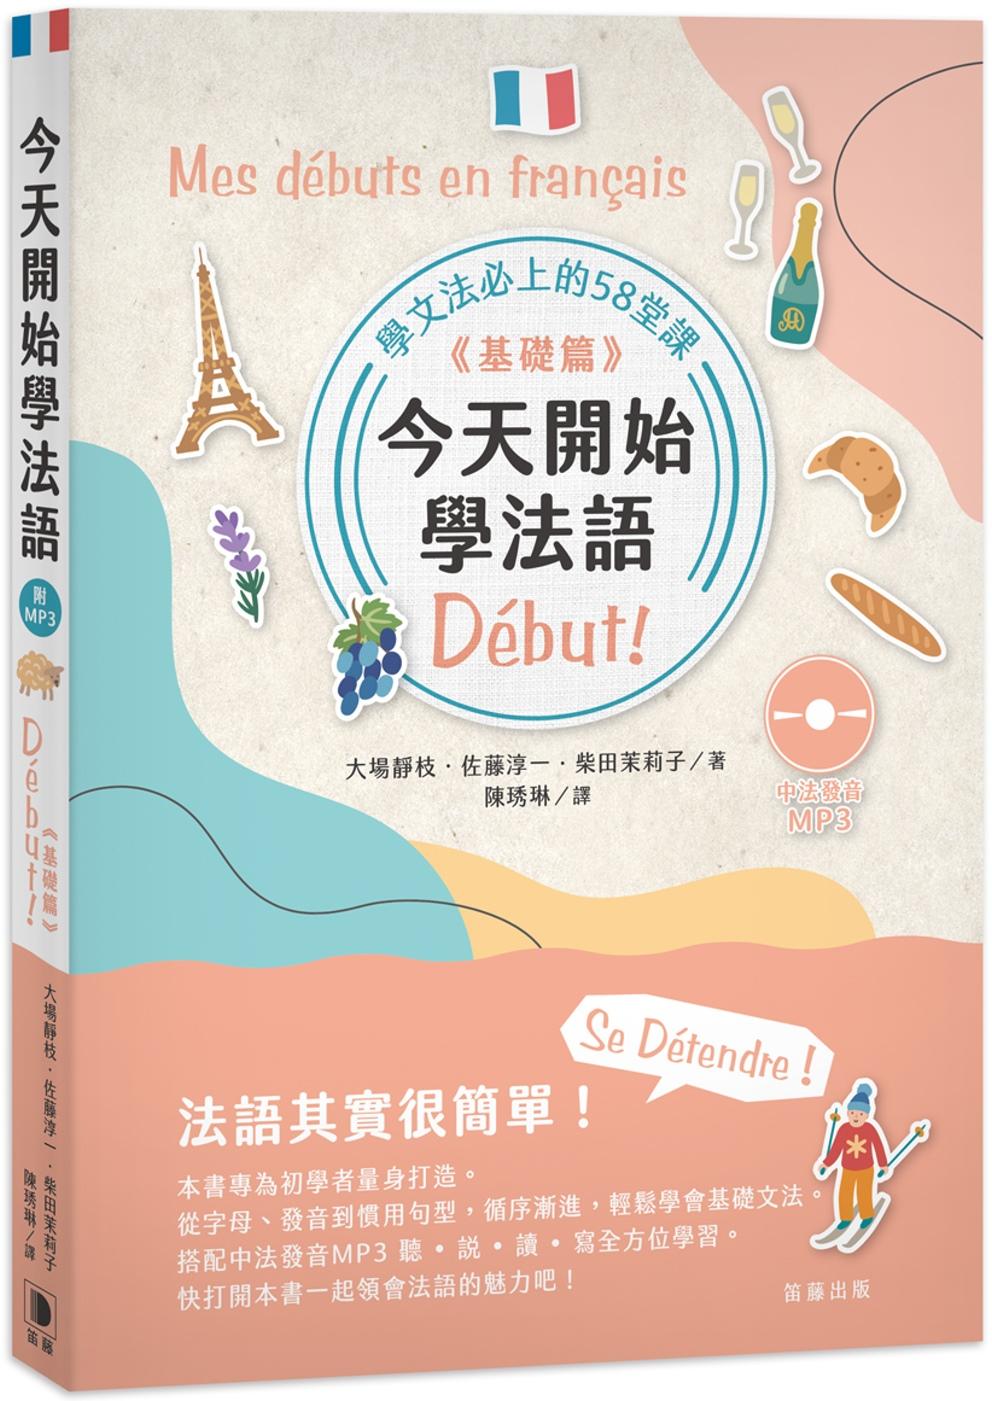 今天開始學法語 ...